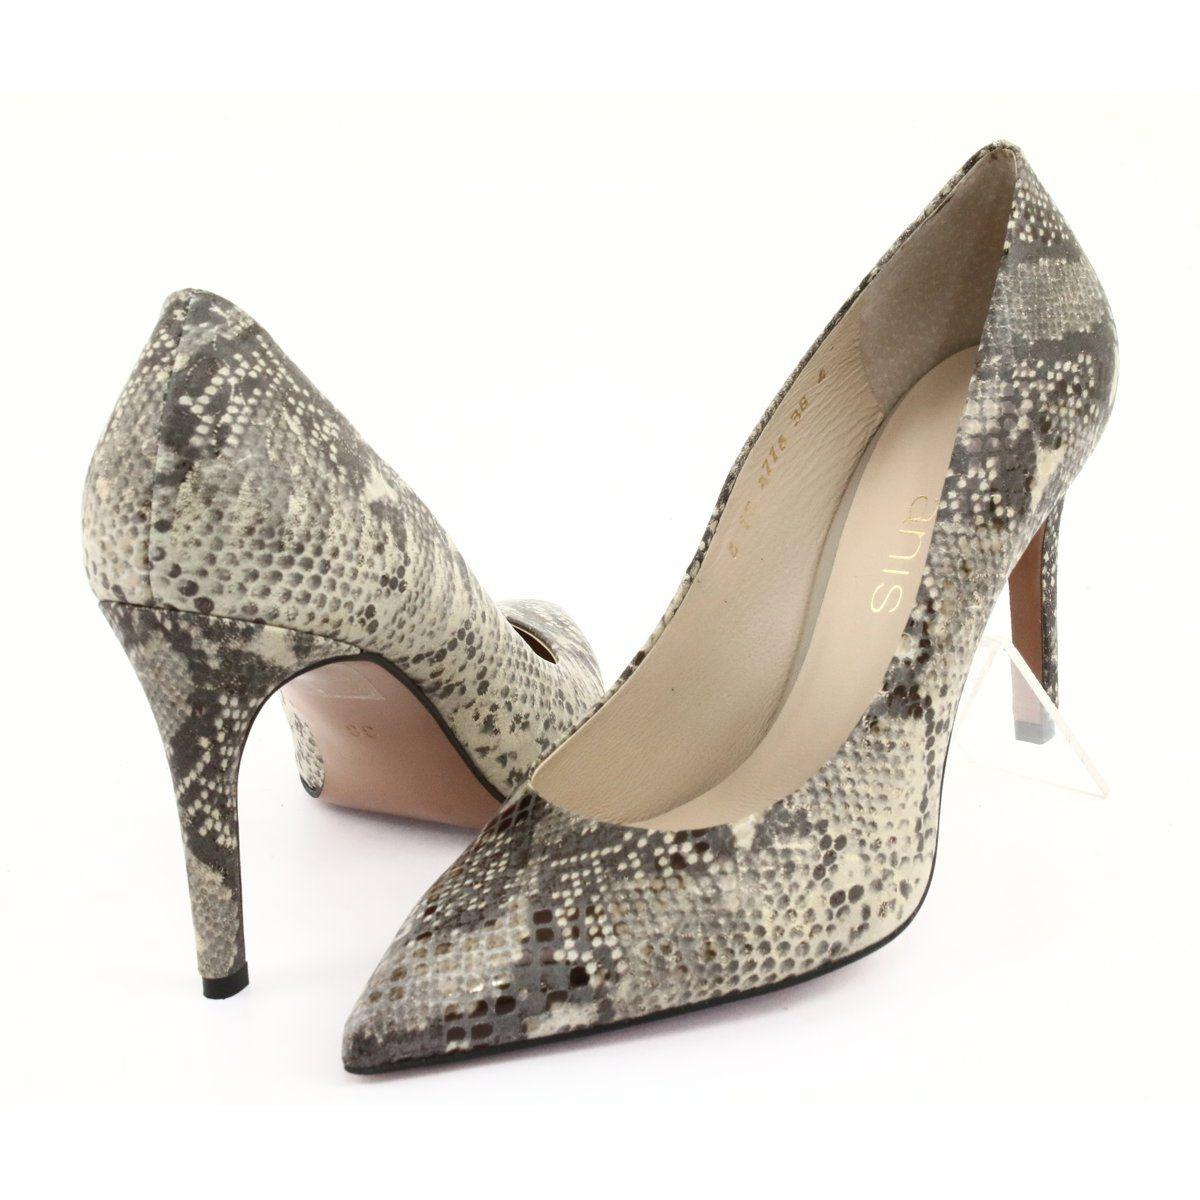 Zwierzece Czolenka Na Szpilce Anis 4716 Pyton Bez Brazowe Heels Shoes Pumps